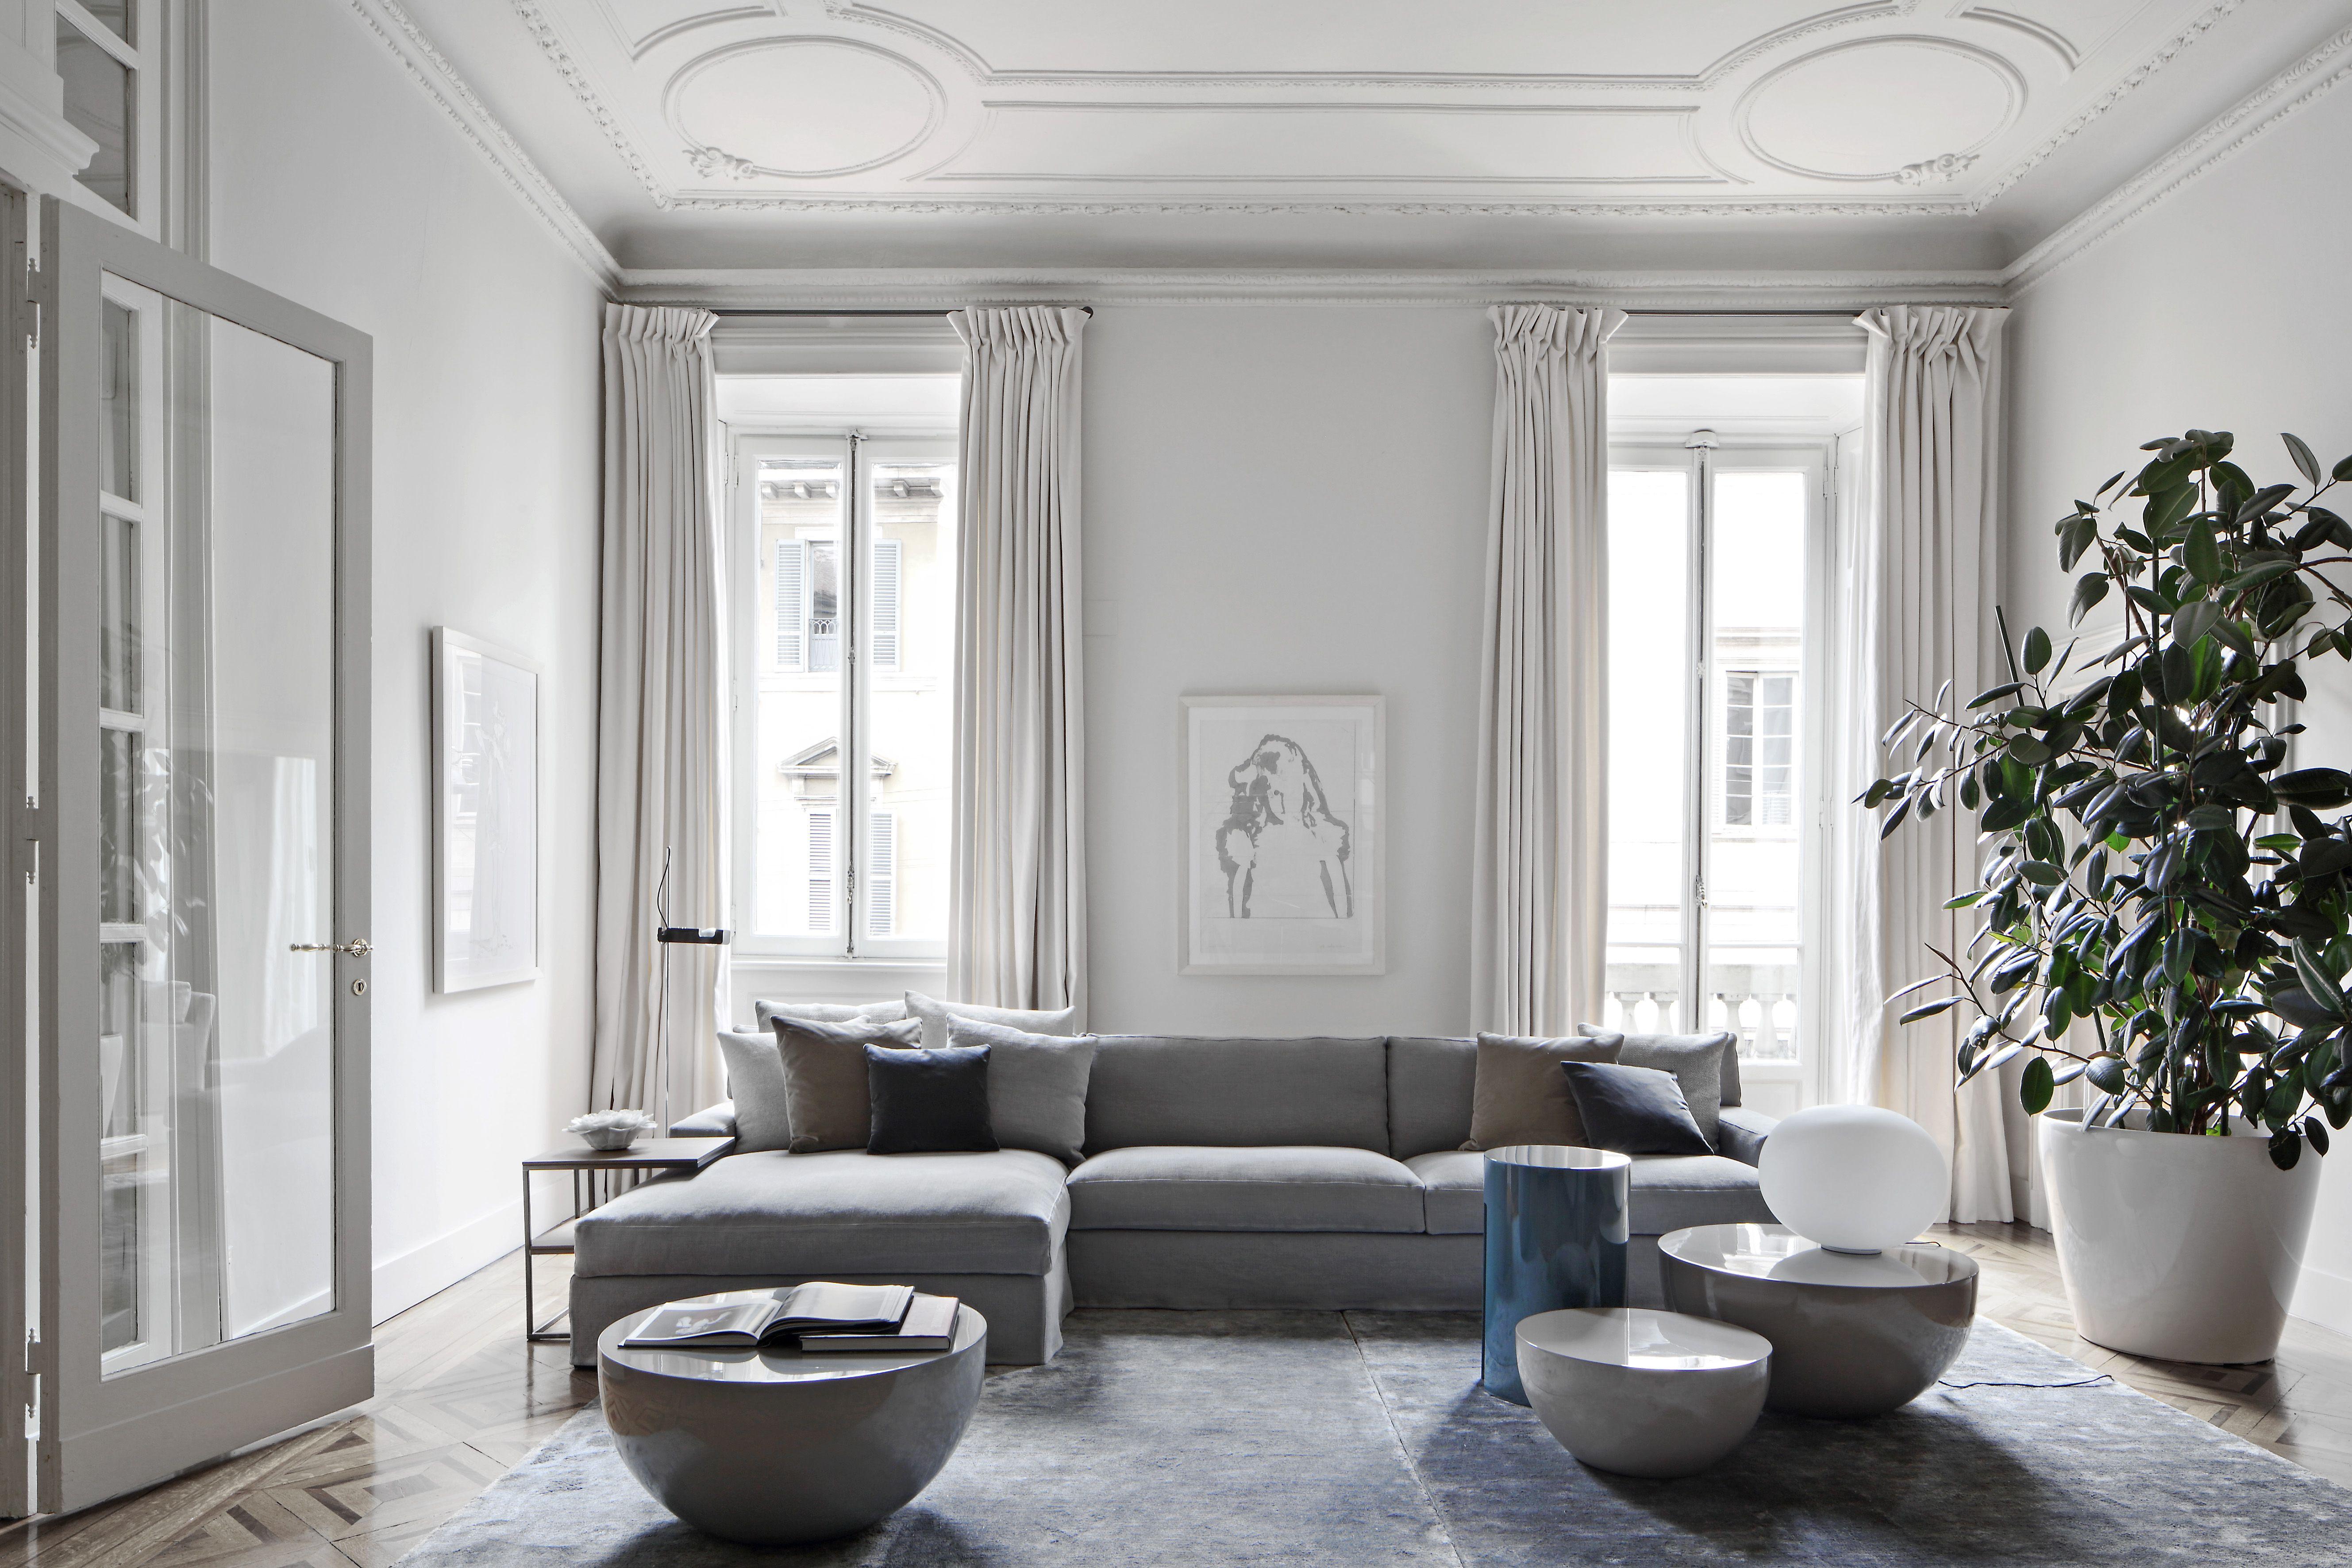 Meridiani Mobili ~ Meridiani i bogart large sofa i bongo low tables i lalit rug